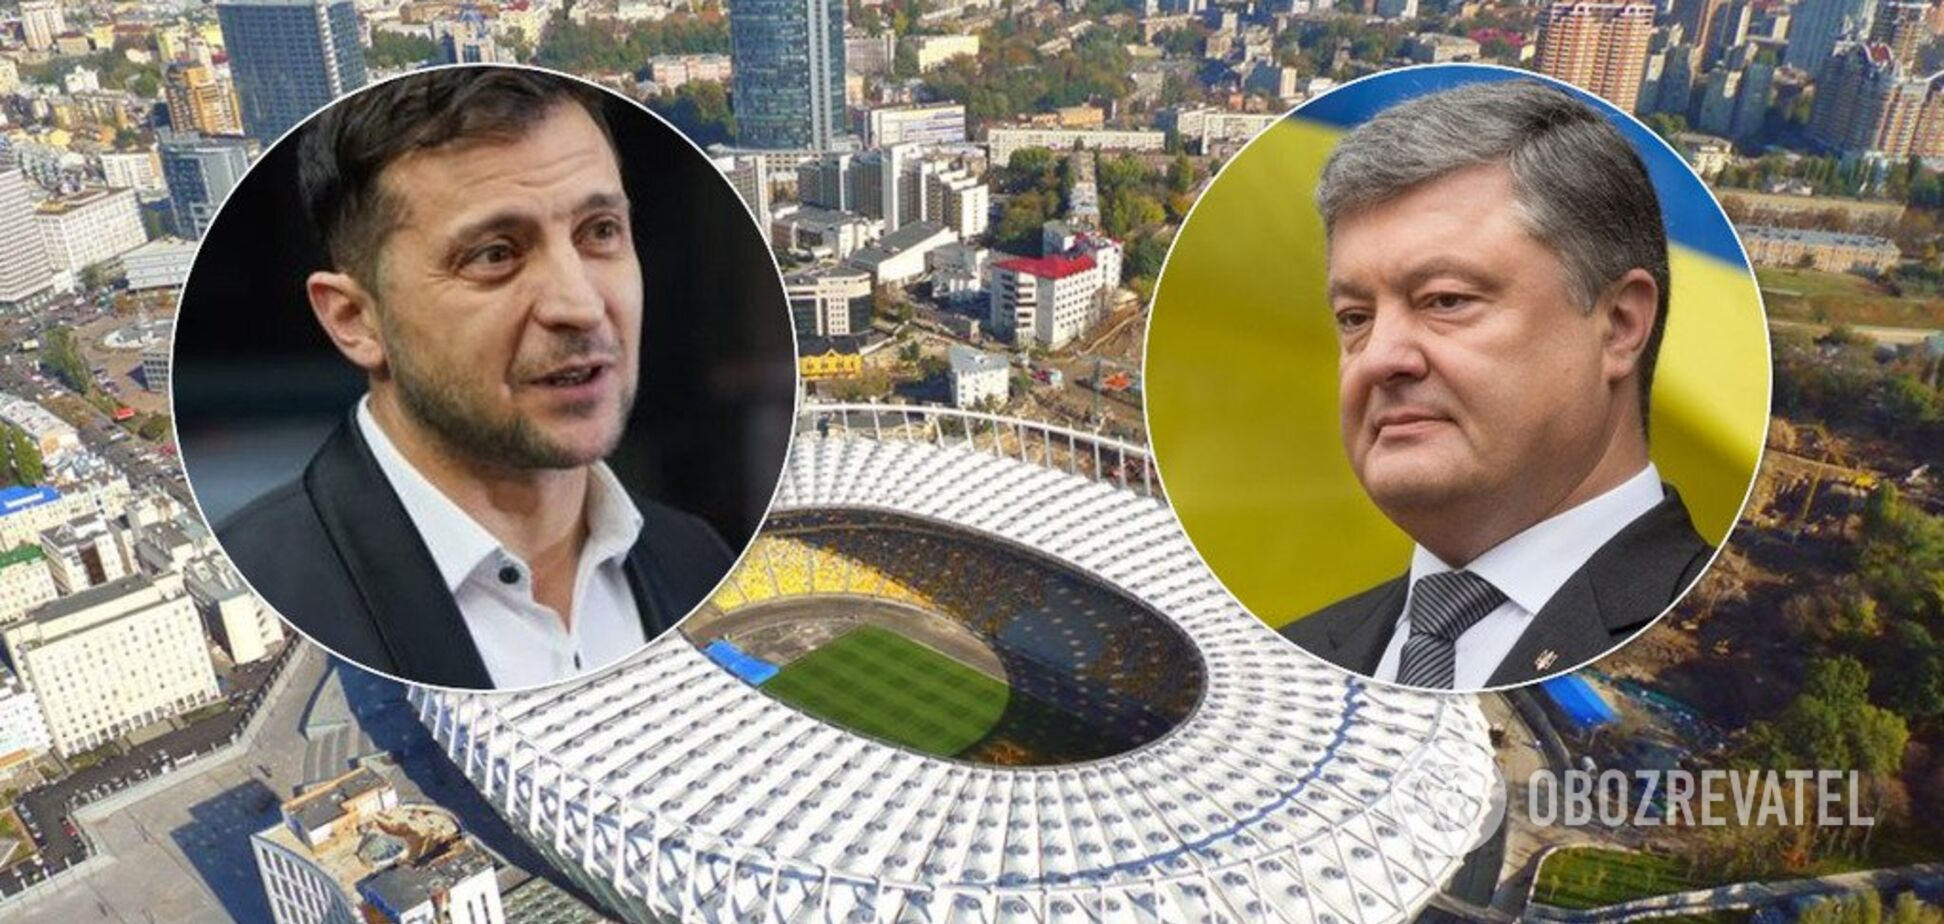 Дві сцени і концерти: Зеленський і Порошенко зайшли в 'глухий кут' через дебати